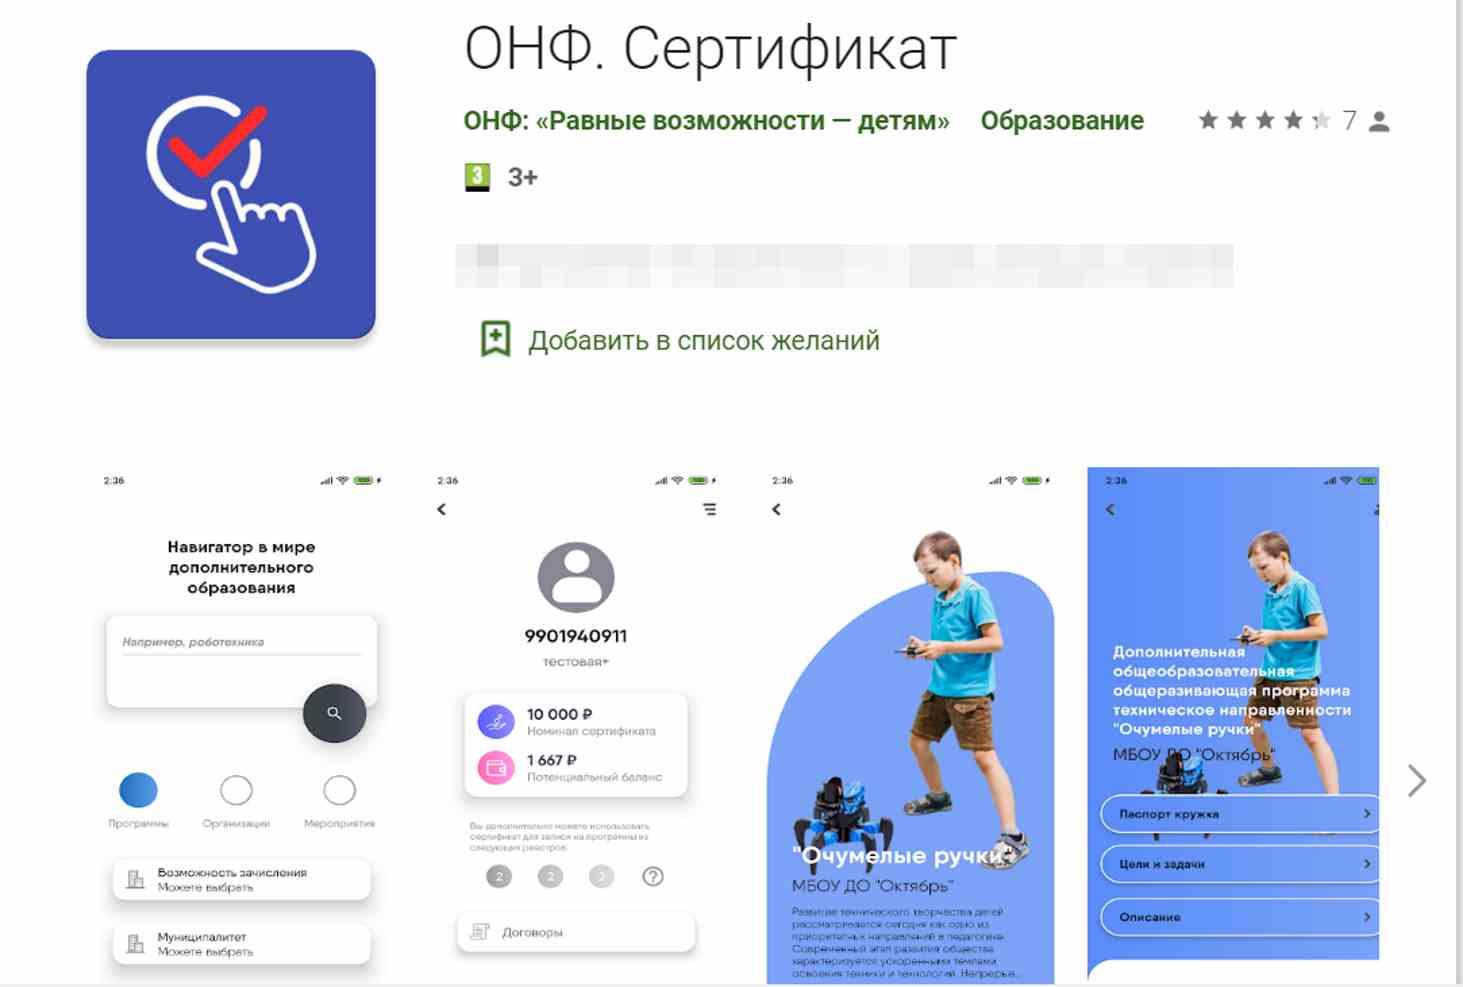 onf-zapustil-mobilnoe-prilozhenie-dlya-oplaty-detskih-kruzhkov-imennymi-sertifikatami